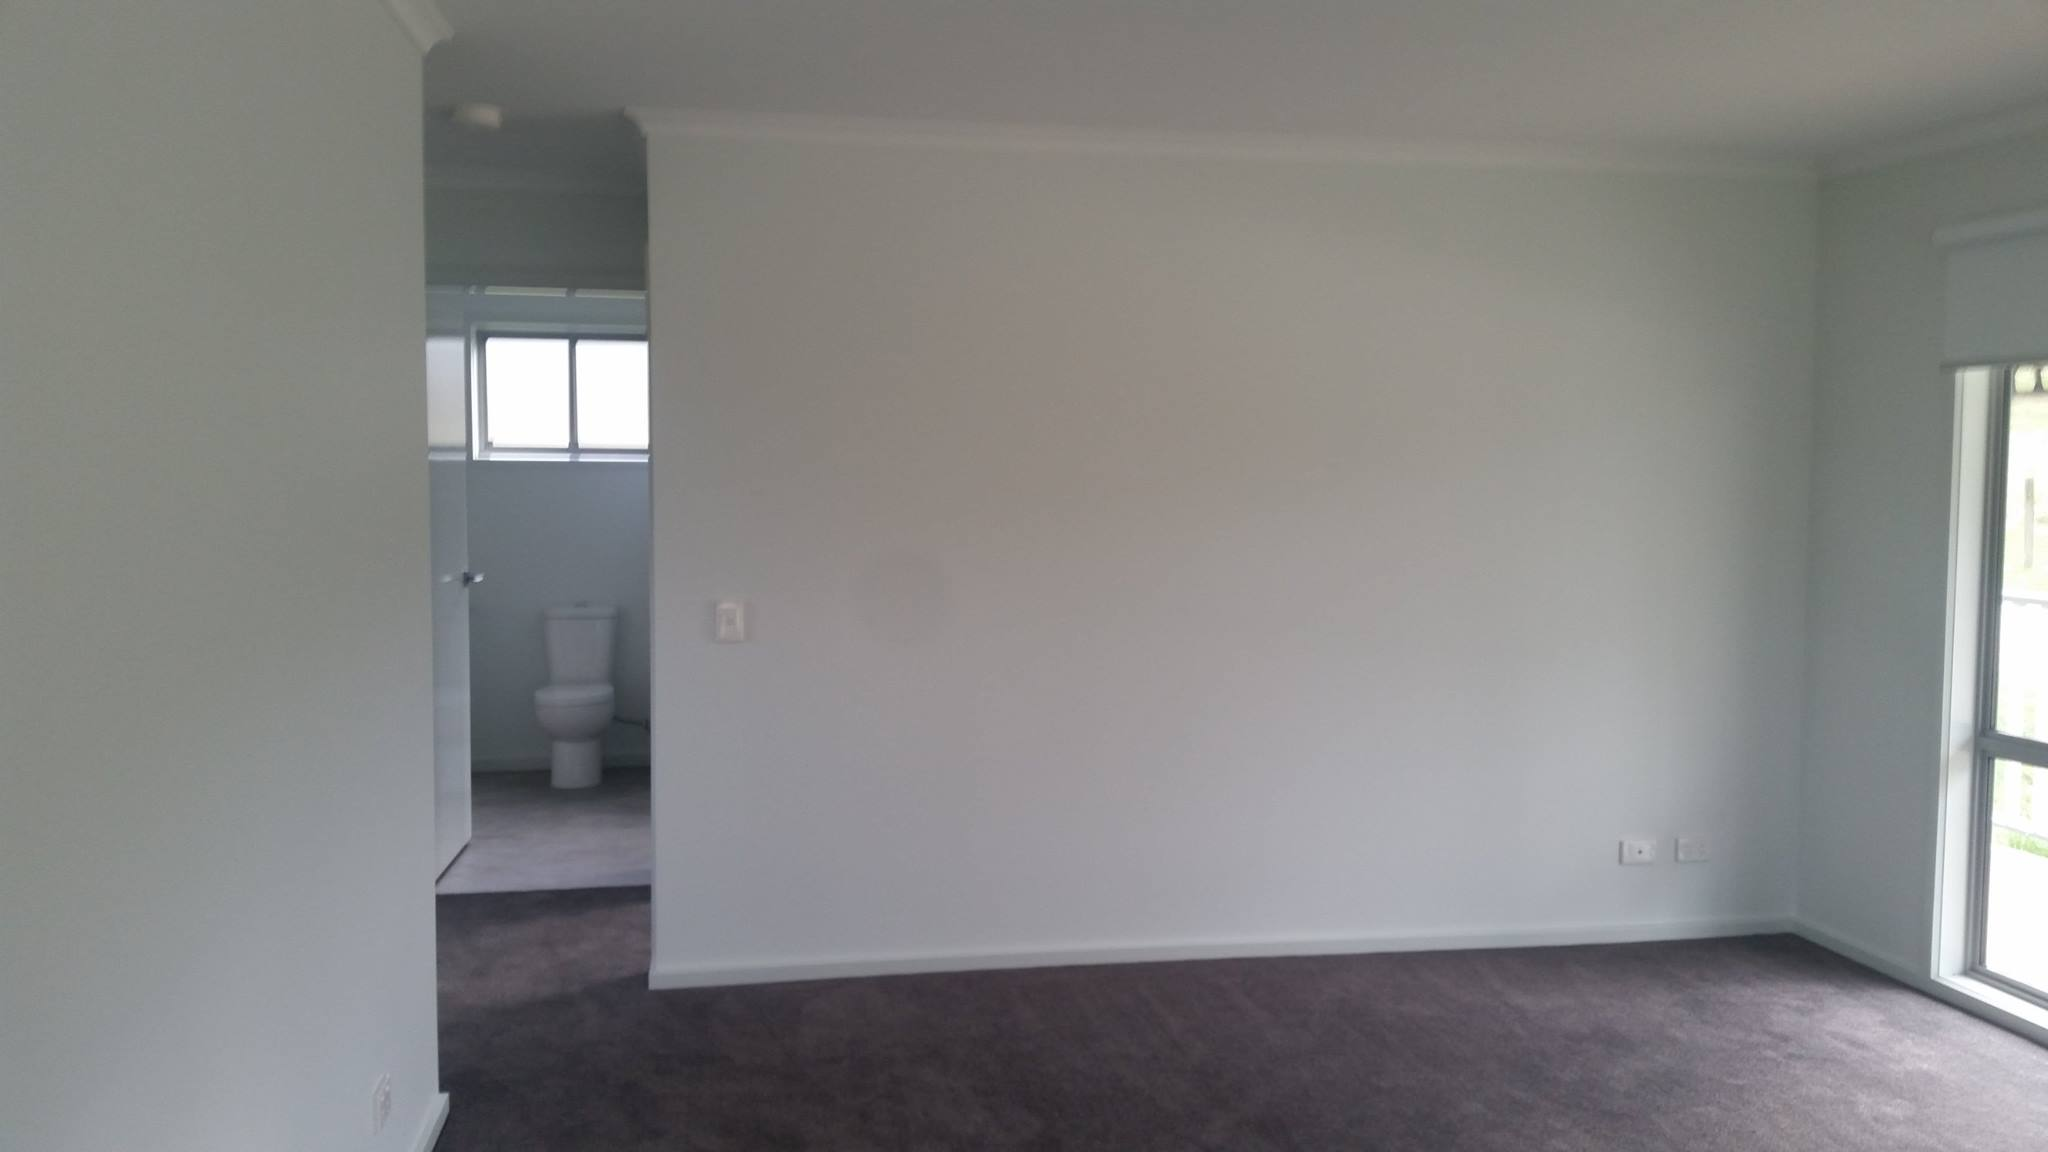 Premier Homes and Granny Flats - New Semi-Rural Granny Flat Victoria, Living Area